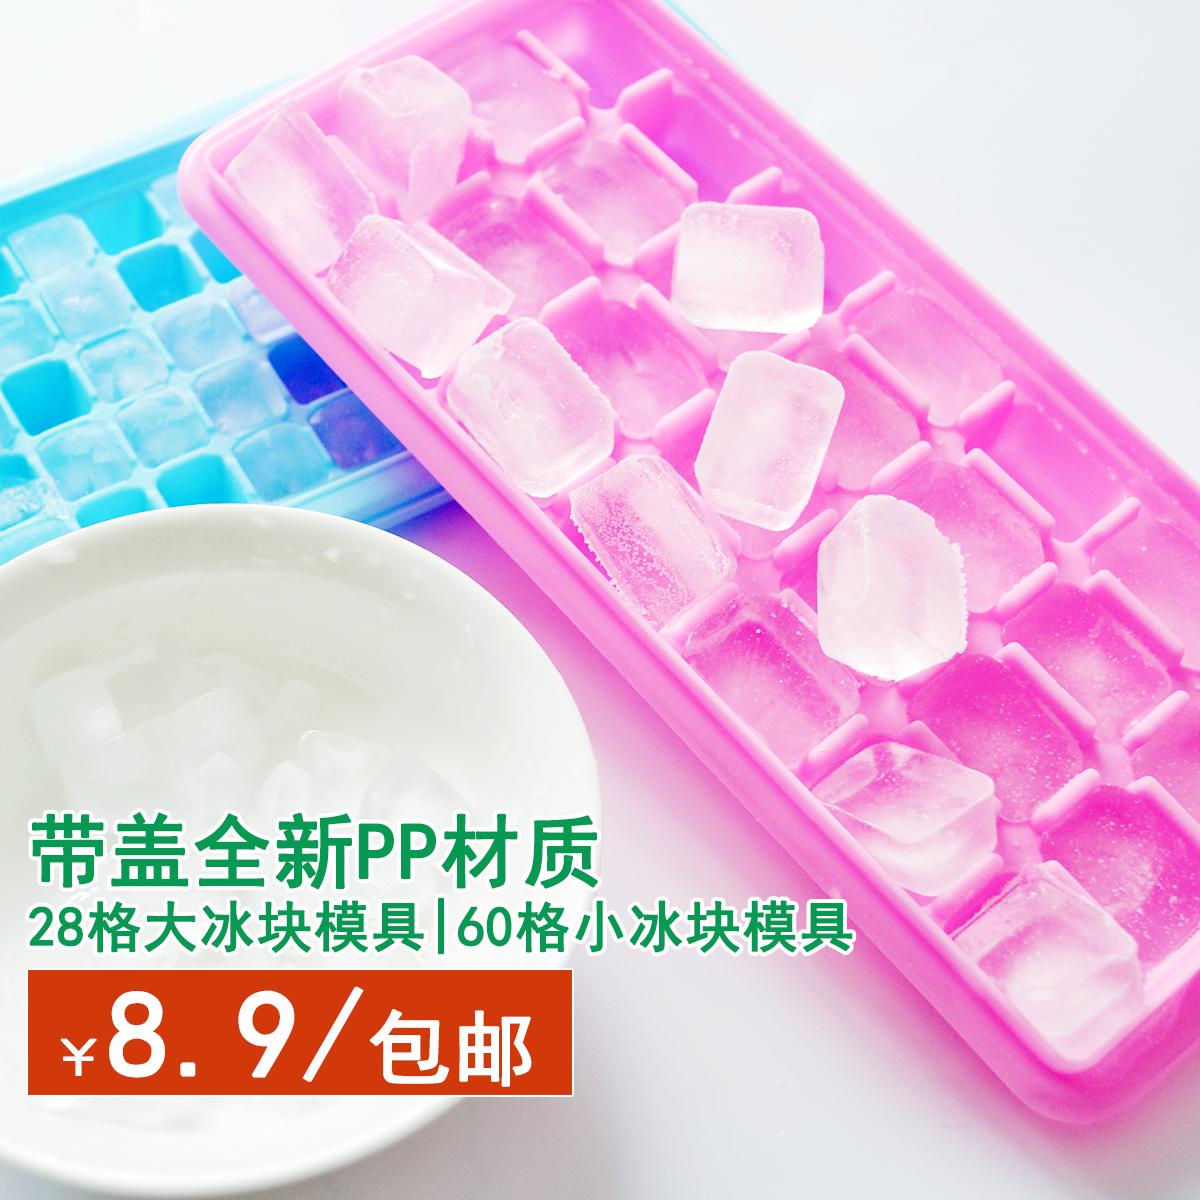 家用冰塊模具冰塊盒製冰盒創意無毒健康pp帶蓋製冰冰模凍冰冰格